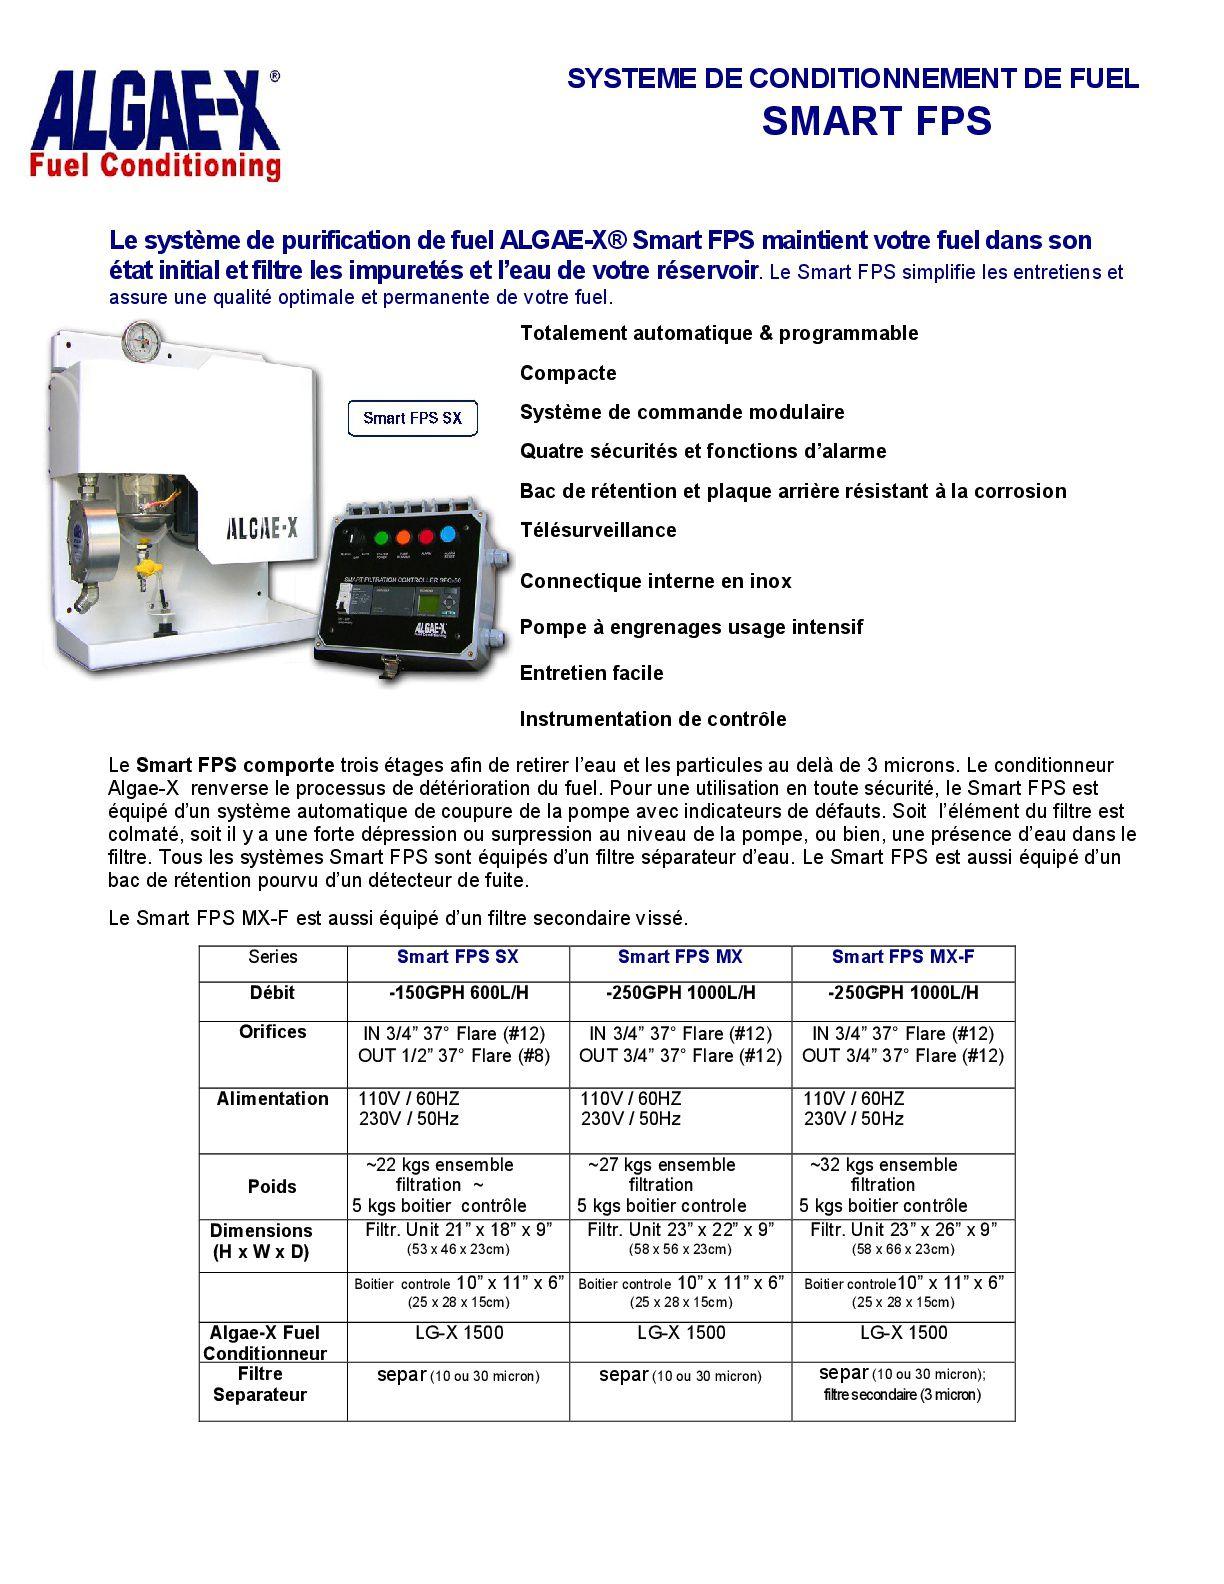 Documentation sur le conditionneur de carburant Algae-X.